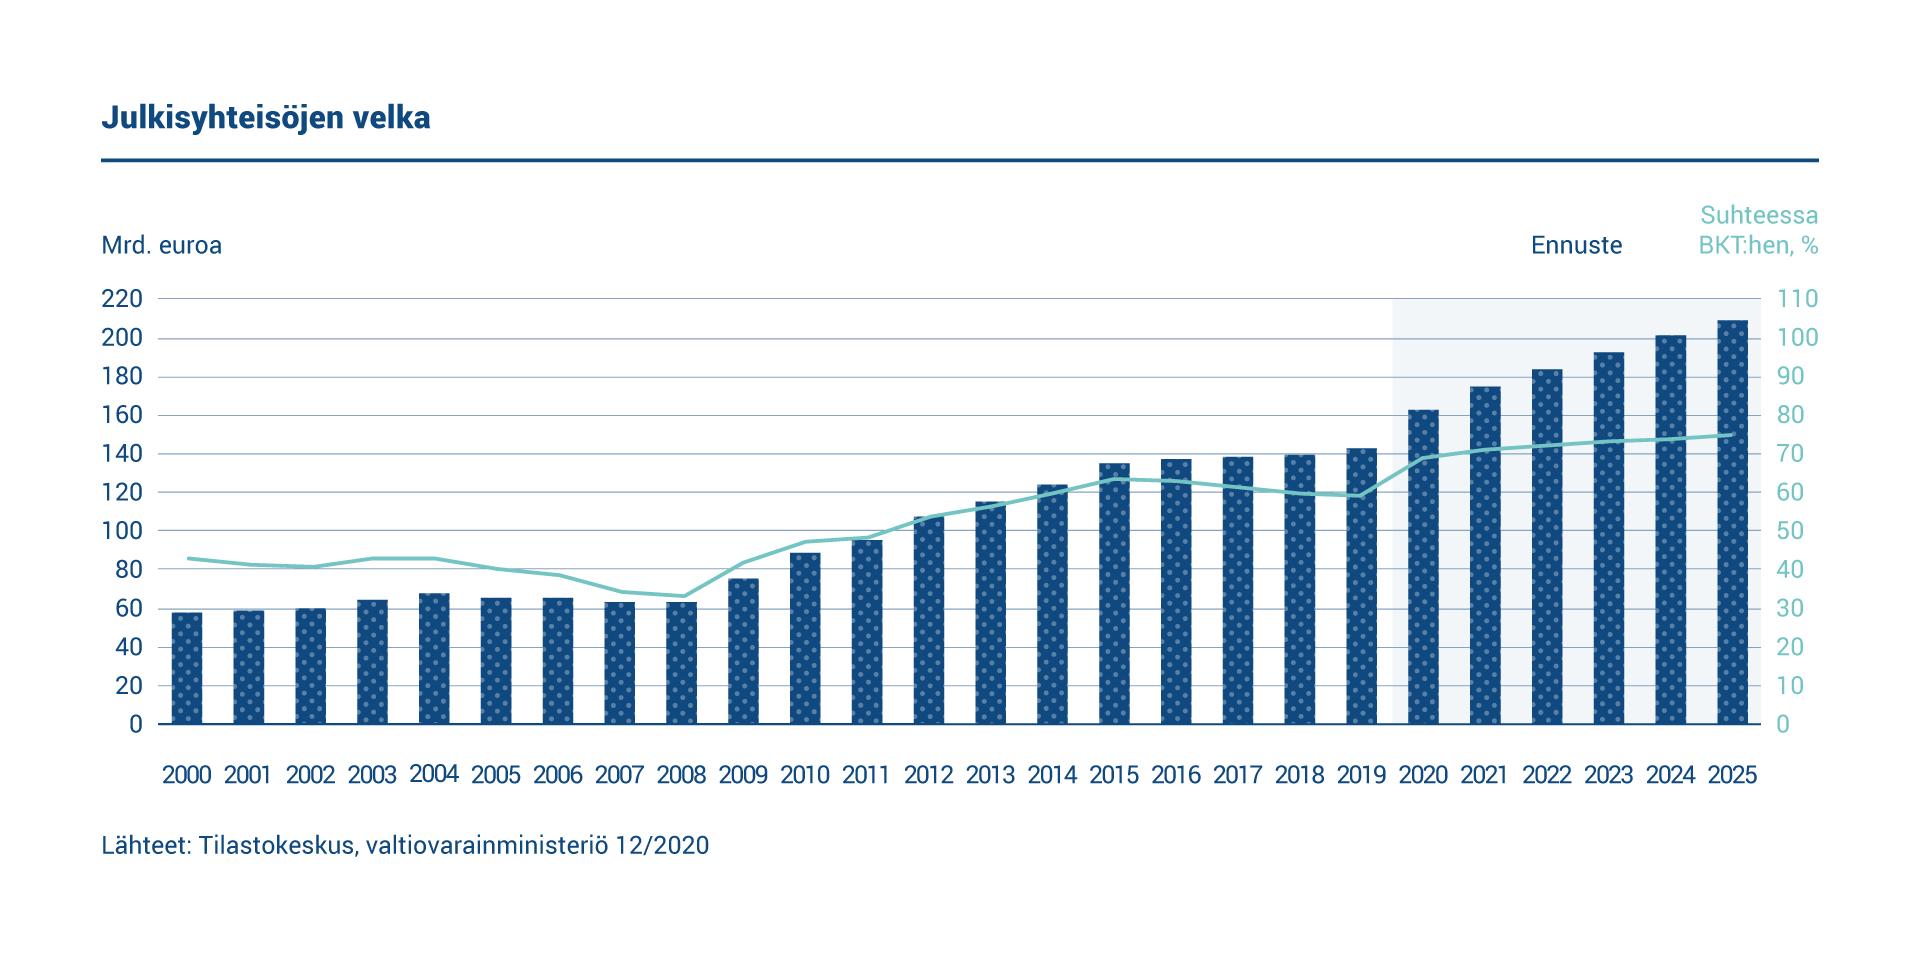 Kaaviossa esitetään Suomen julkisyhteisöjen velan määrä. Julkisyhteisöjen velka vuonna 2020 oli 162,1 miljardia euroa. Velan suhde BKT:hen oli 69 prosenttia.